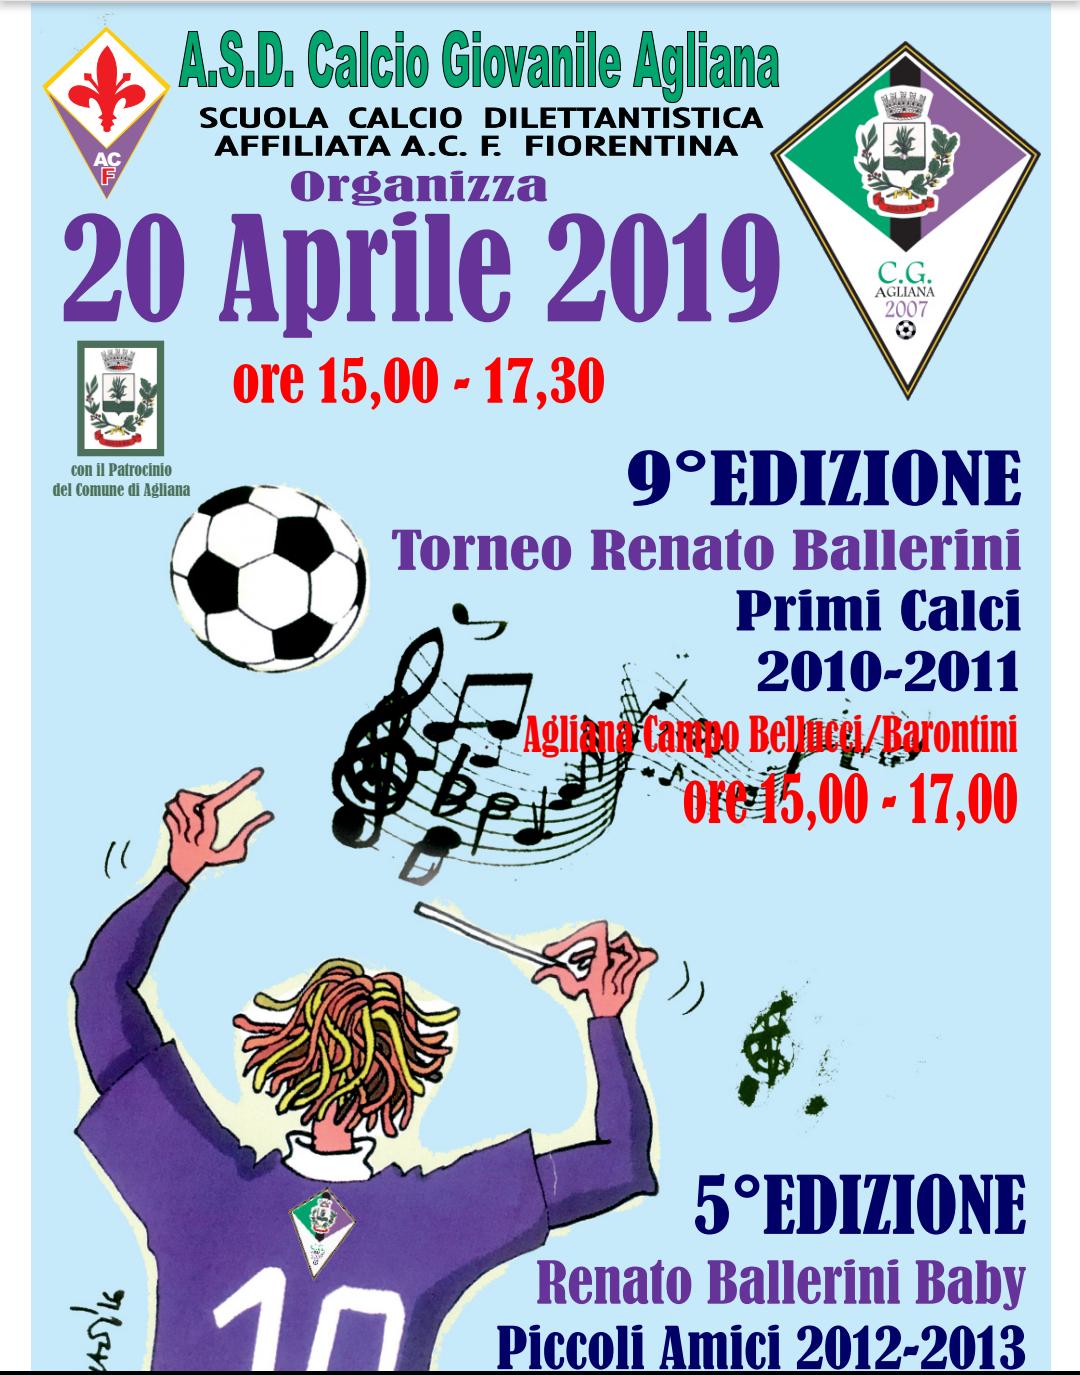 Piccoli campioni crescono al Torneo Renato Ballerini, salutando Mazzoni e ricordando Pandolfini